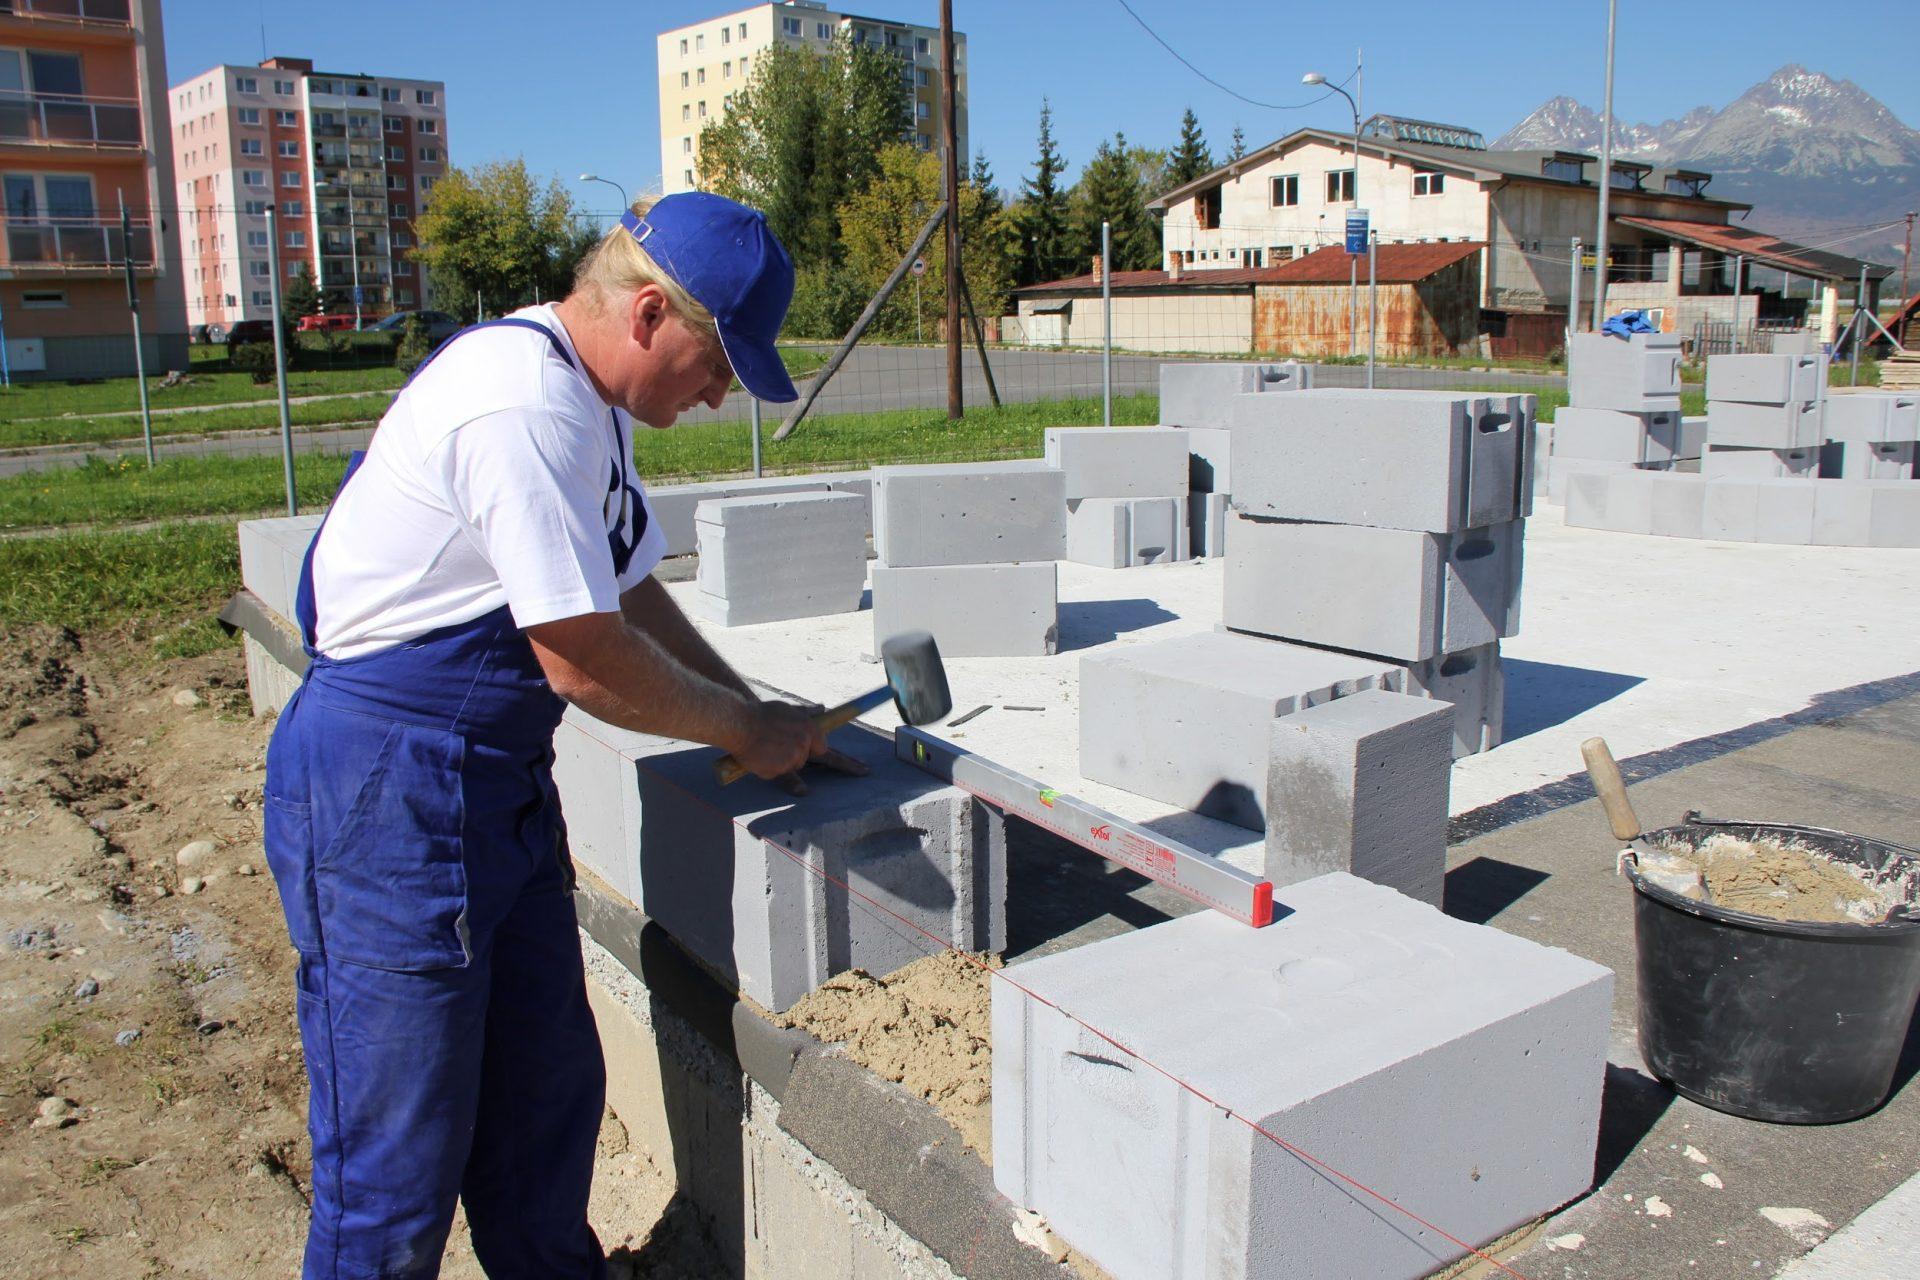 muz-stavbar-tehly-kvadry-kladivo-vodovaha-dom-stavba-stavenisko-beton-siltovka-monterky-bytovka